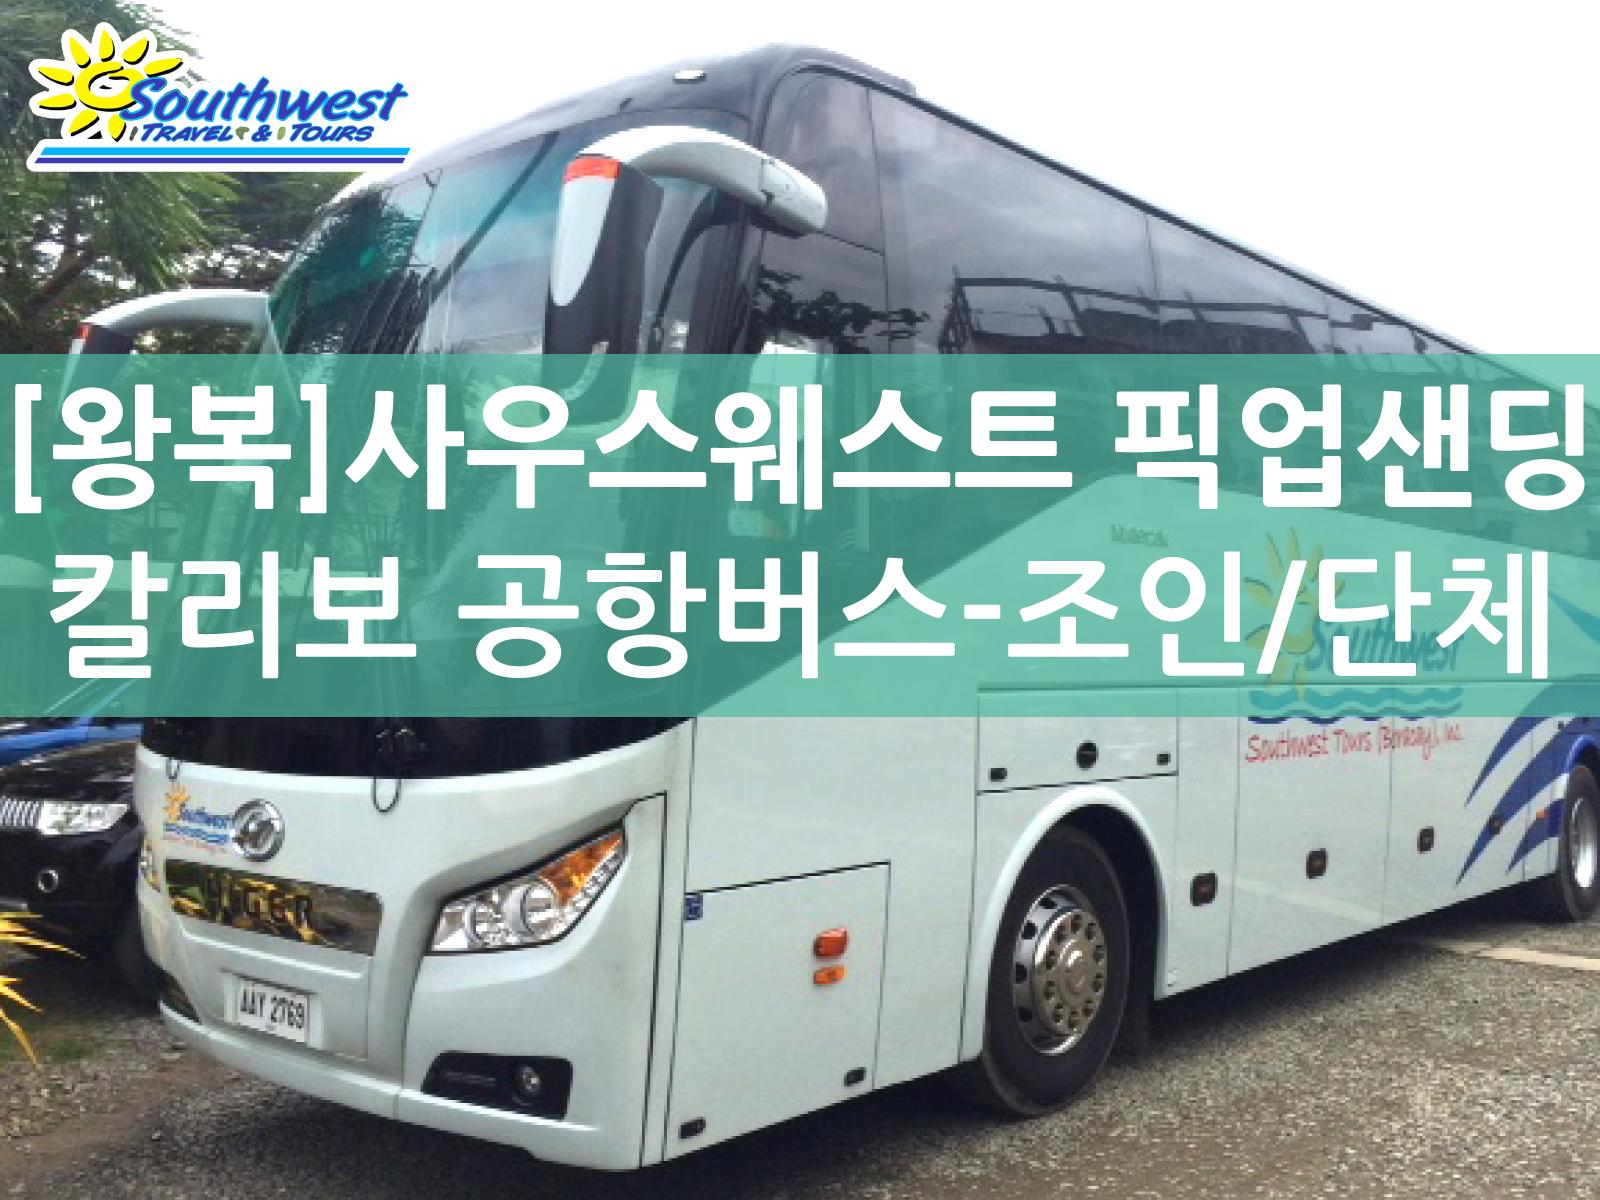 [사우스웨스트 보라카이] 버스(밴) 픽업샌딩(왕복) - 칼리보 공항 버스